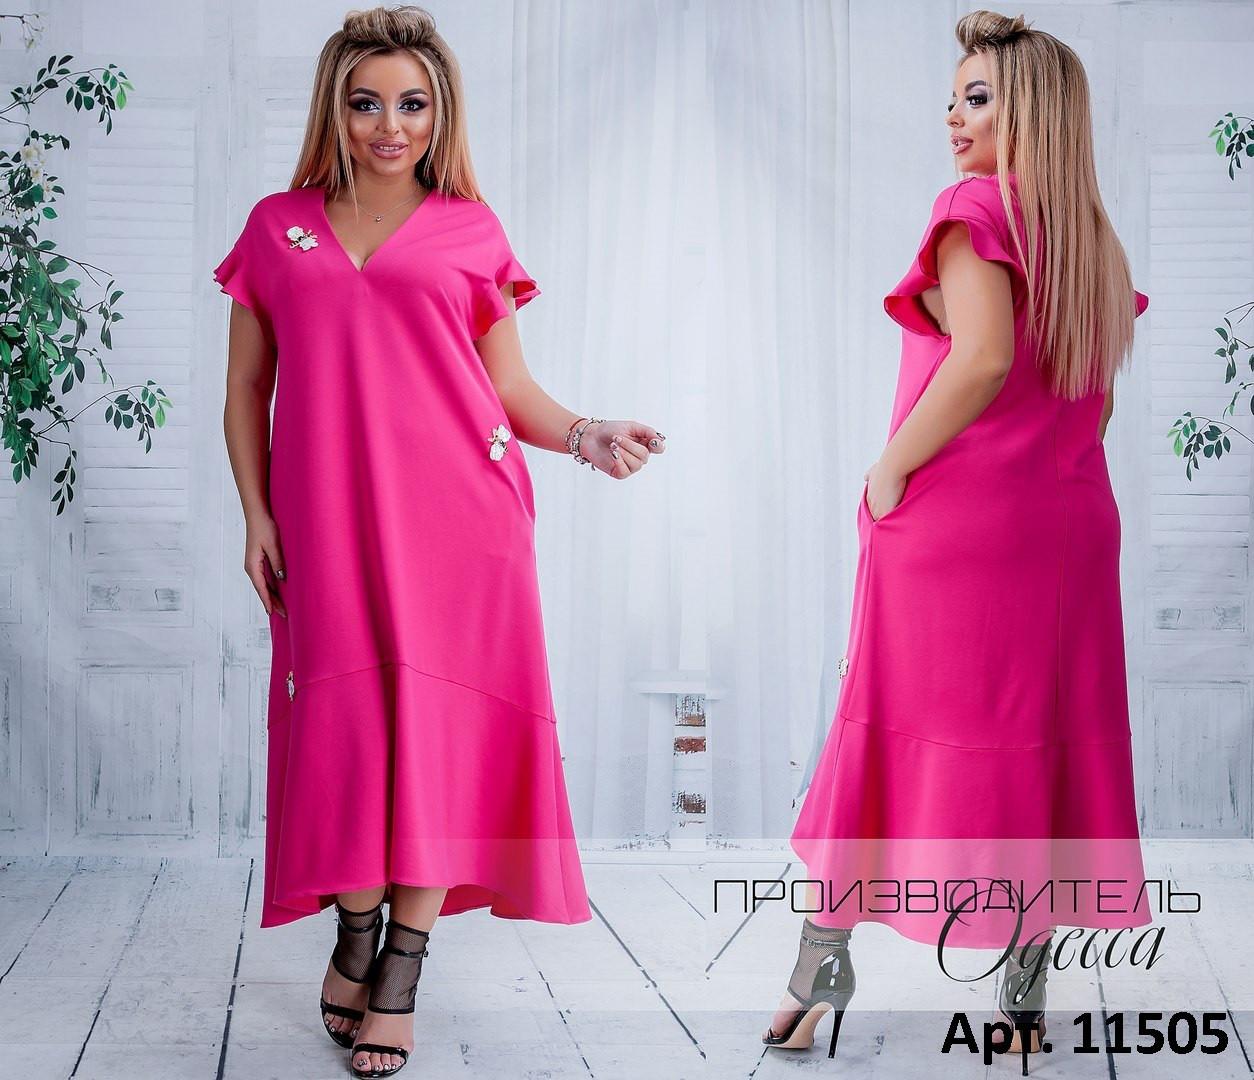 Малиновое платье с украшение из бисера и камней ручной работы Премиум под заказ до 7 дней р. 46-60